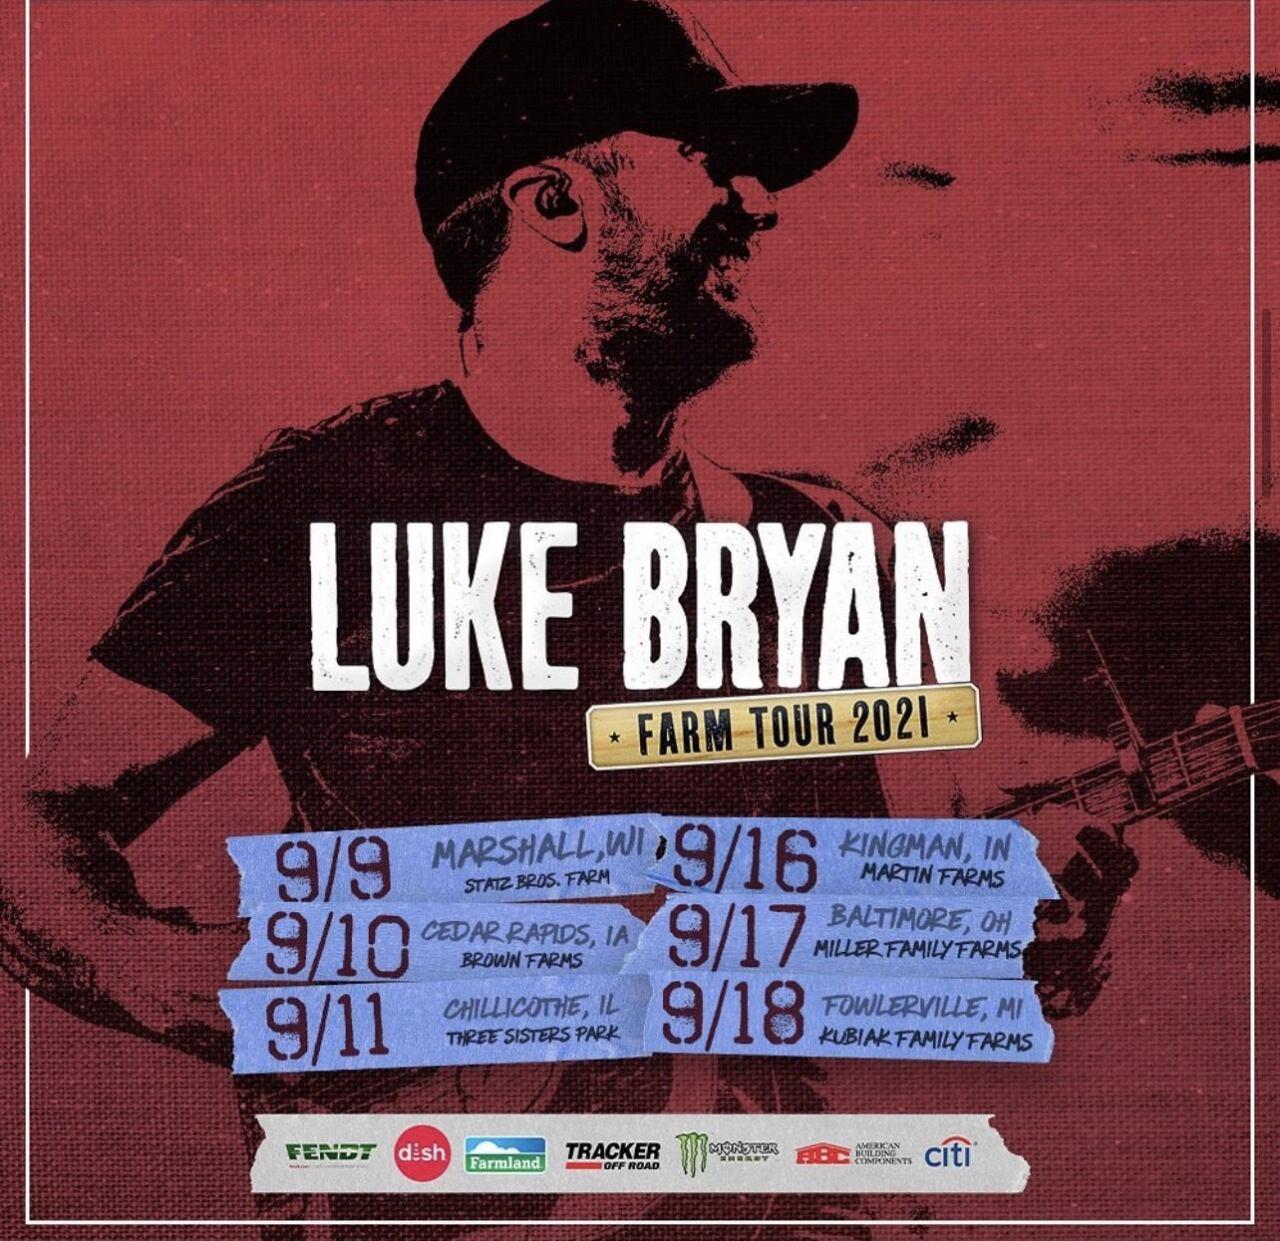 2021 : Luke Bryan Farm Tour Arrives in Fowlerville